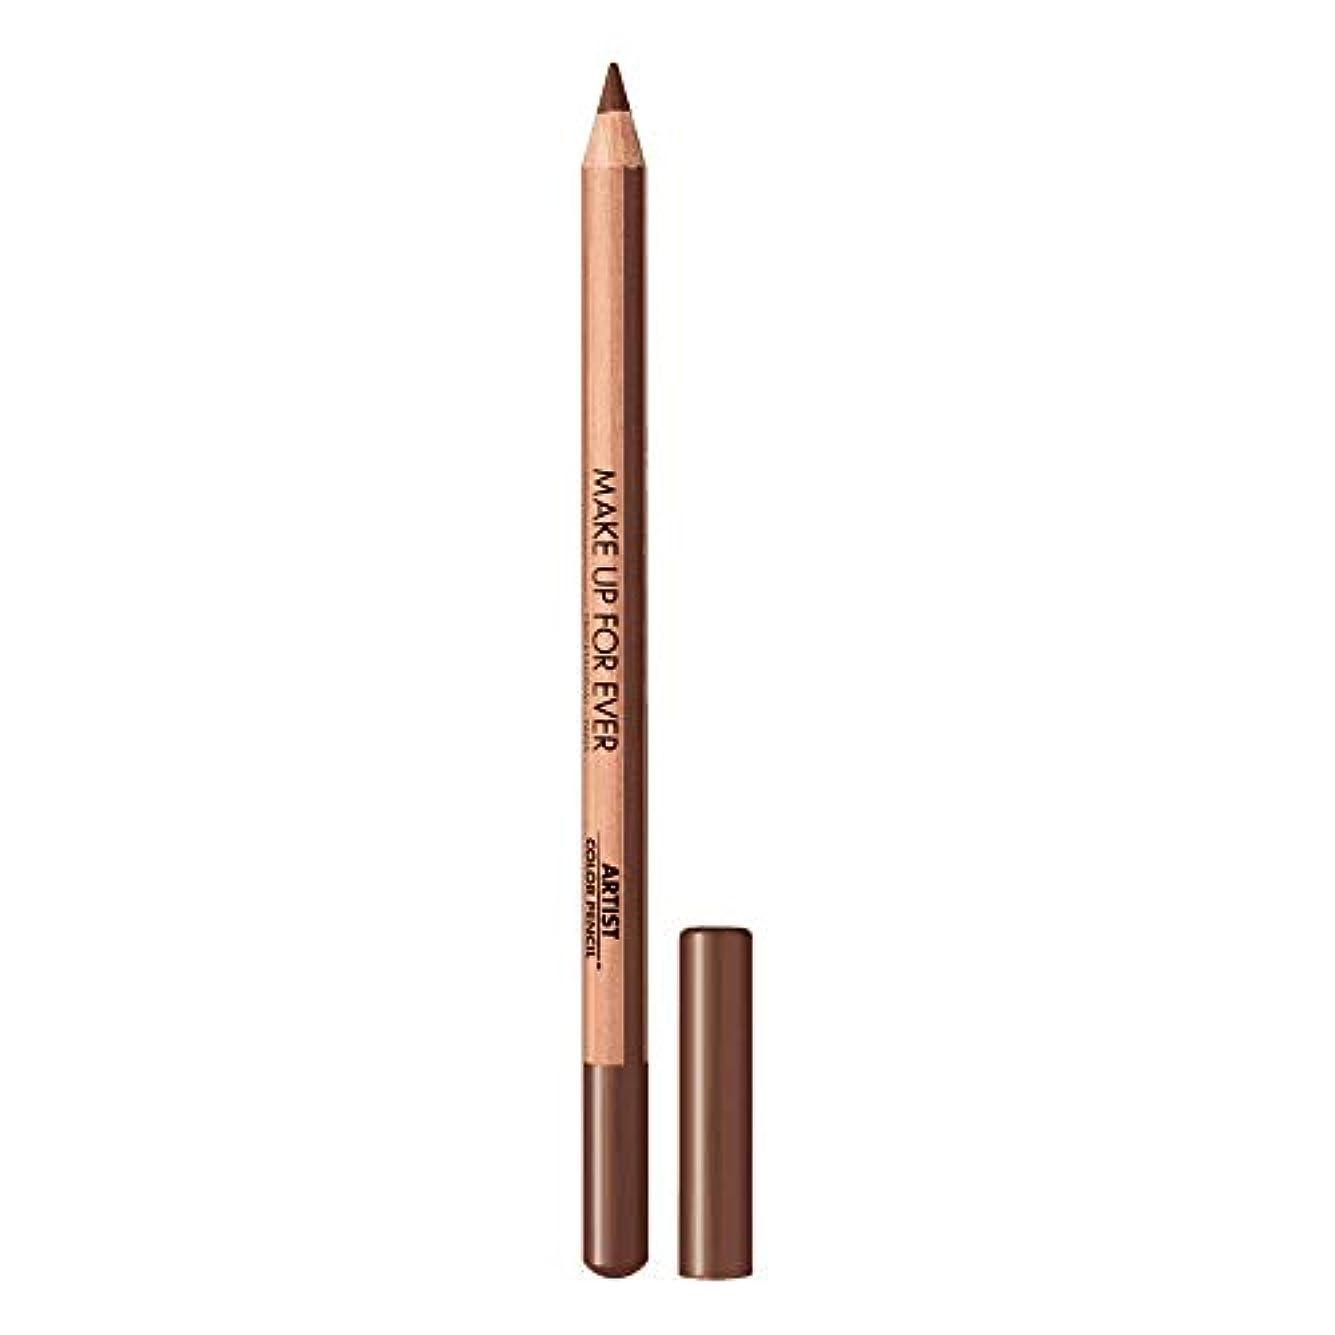 多年生平らにする主観的メイクアップフォーエバー Artist Color Pencil - # 608 Limitless Brown 1.41g/0.04oz並行輸入品